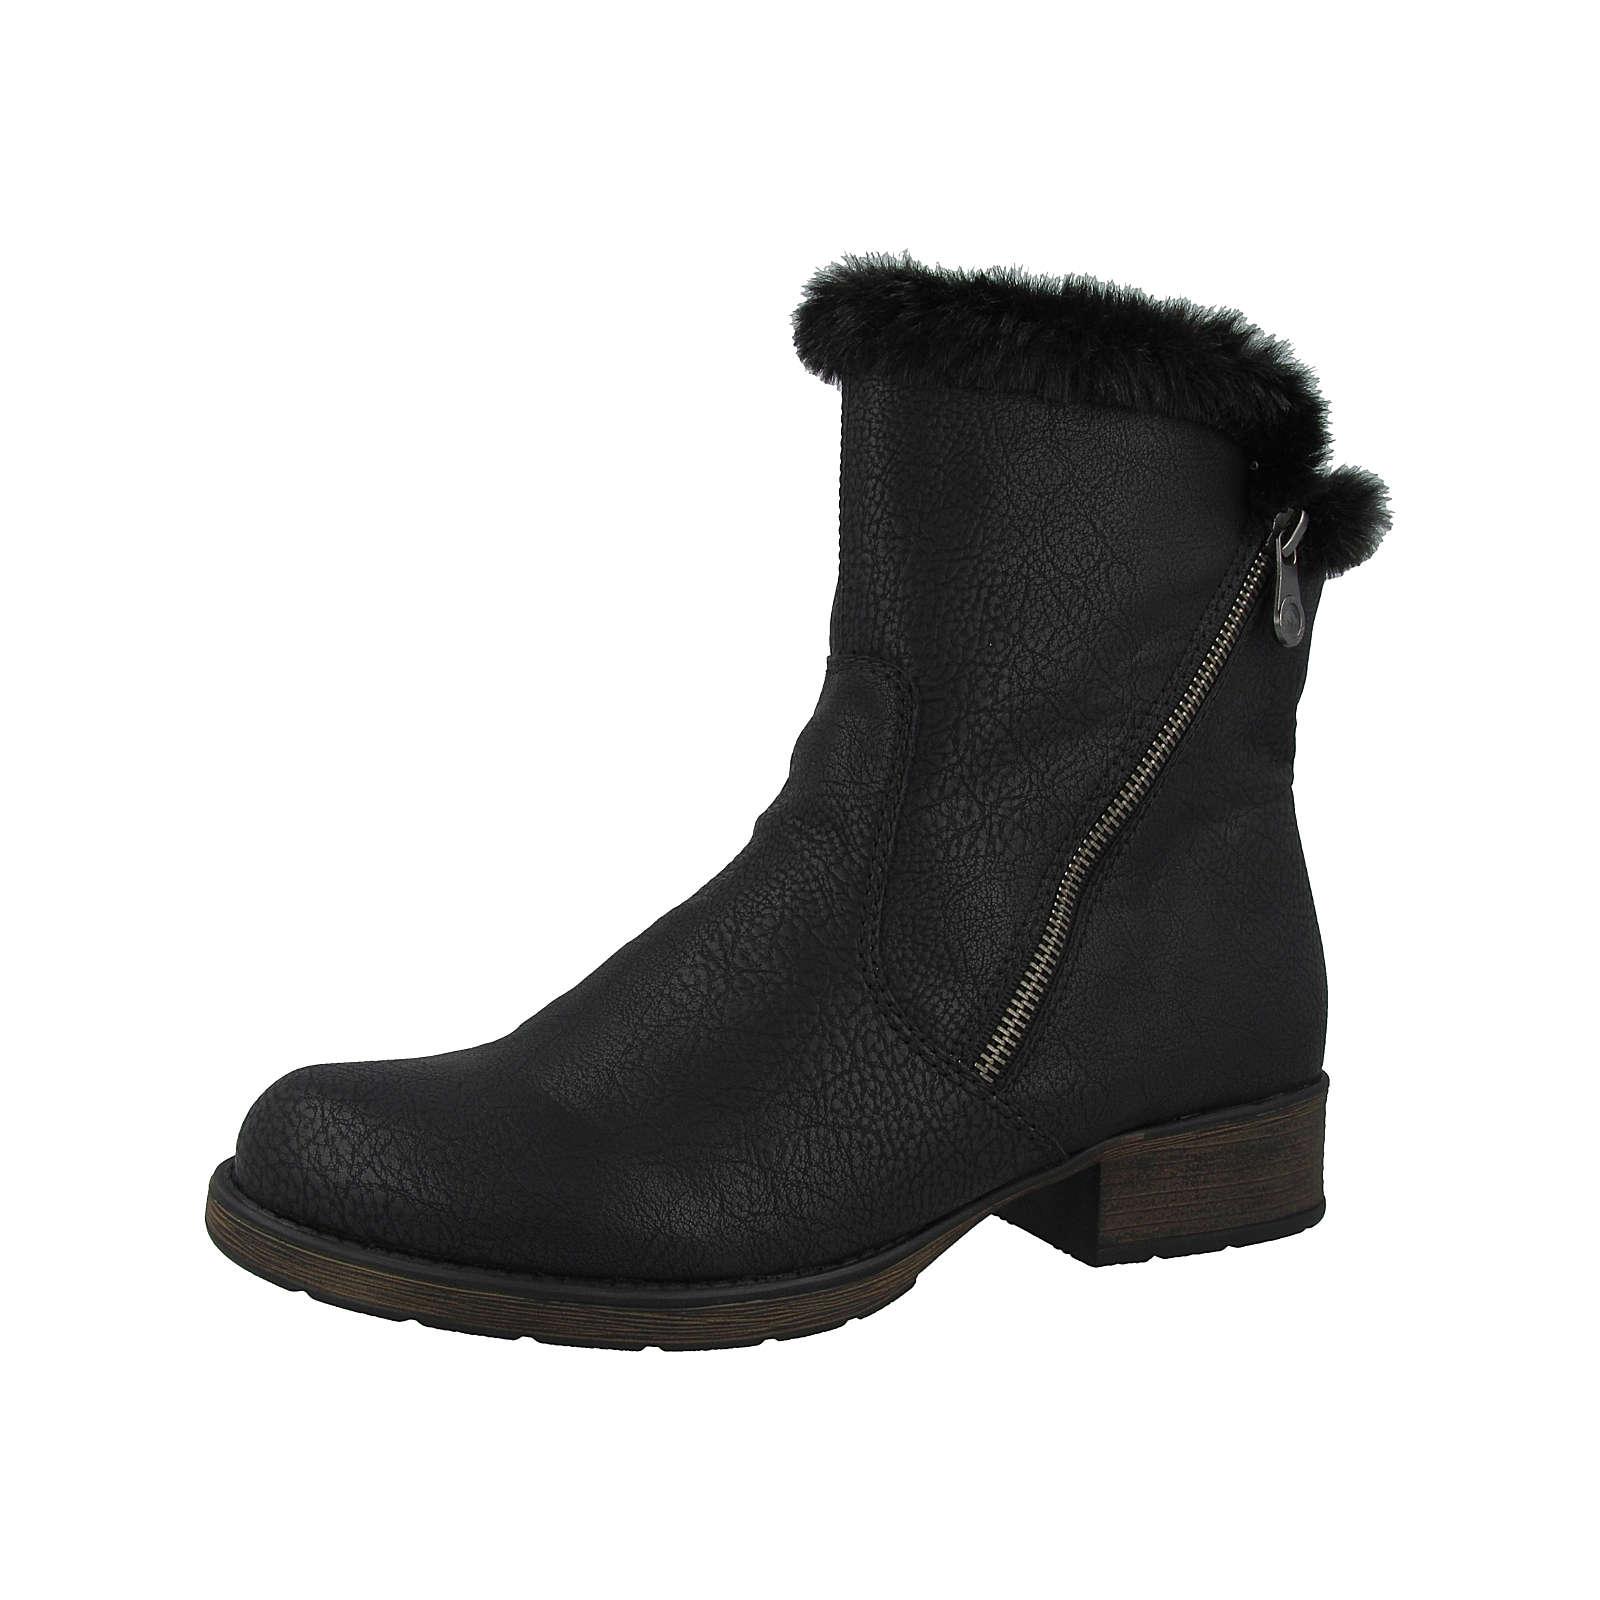 rieker Schuhe Greece-Wolf Klassische Stiefel schwarz Damen Gr. 38